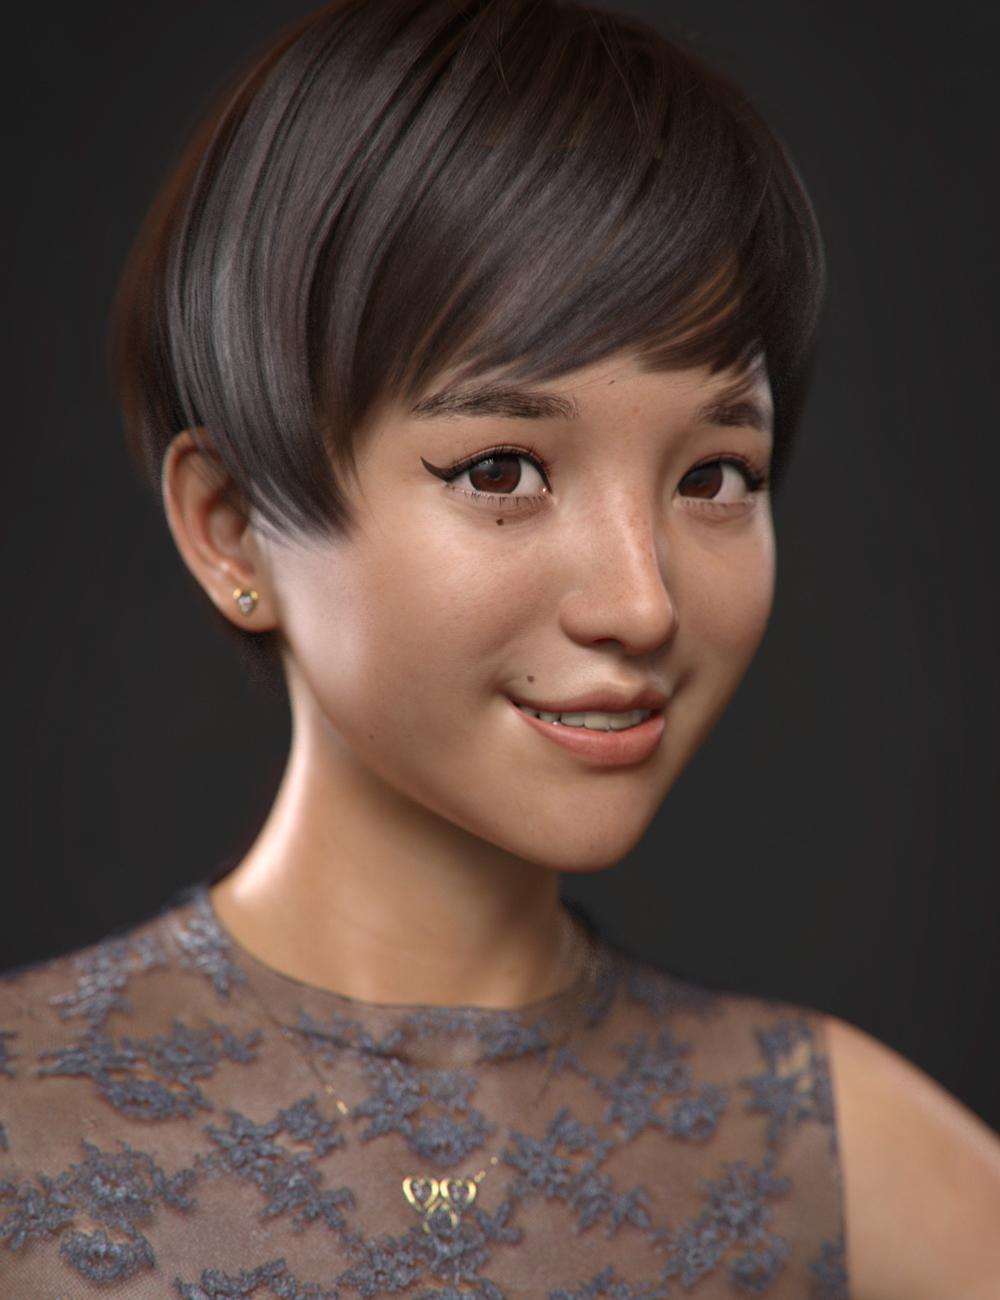 Hyorin for Mei Lin 8 by: VincentXyooj, 3D Models by Daz 3D